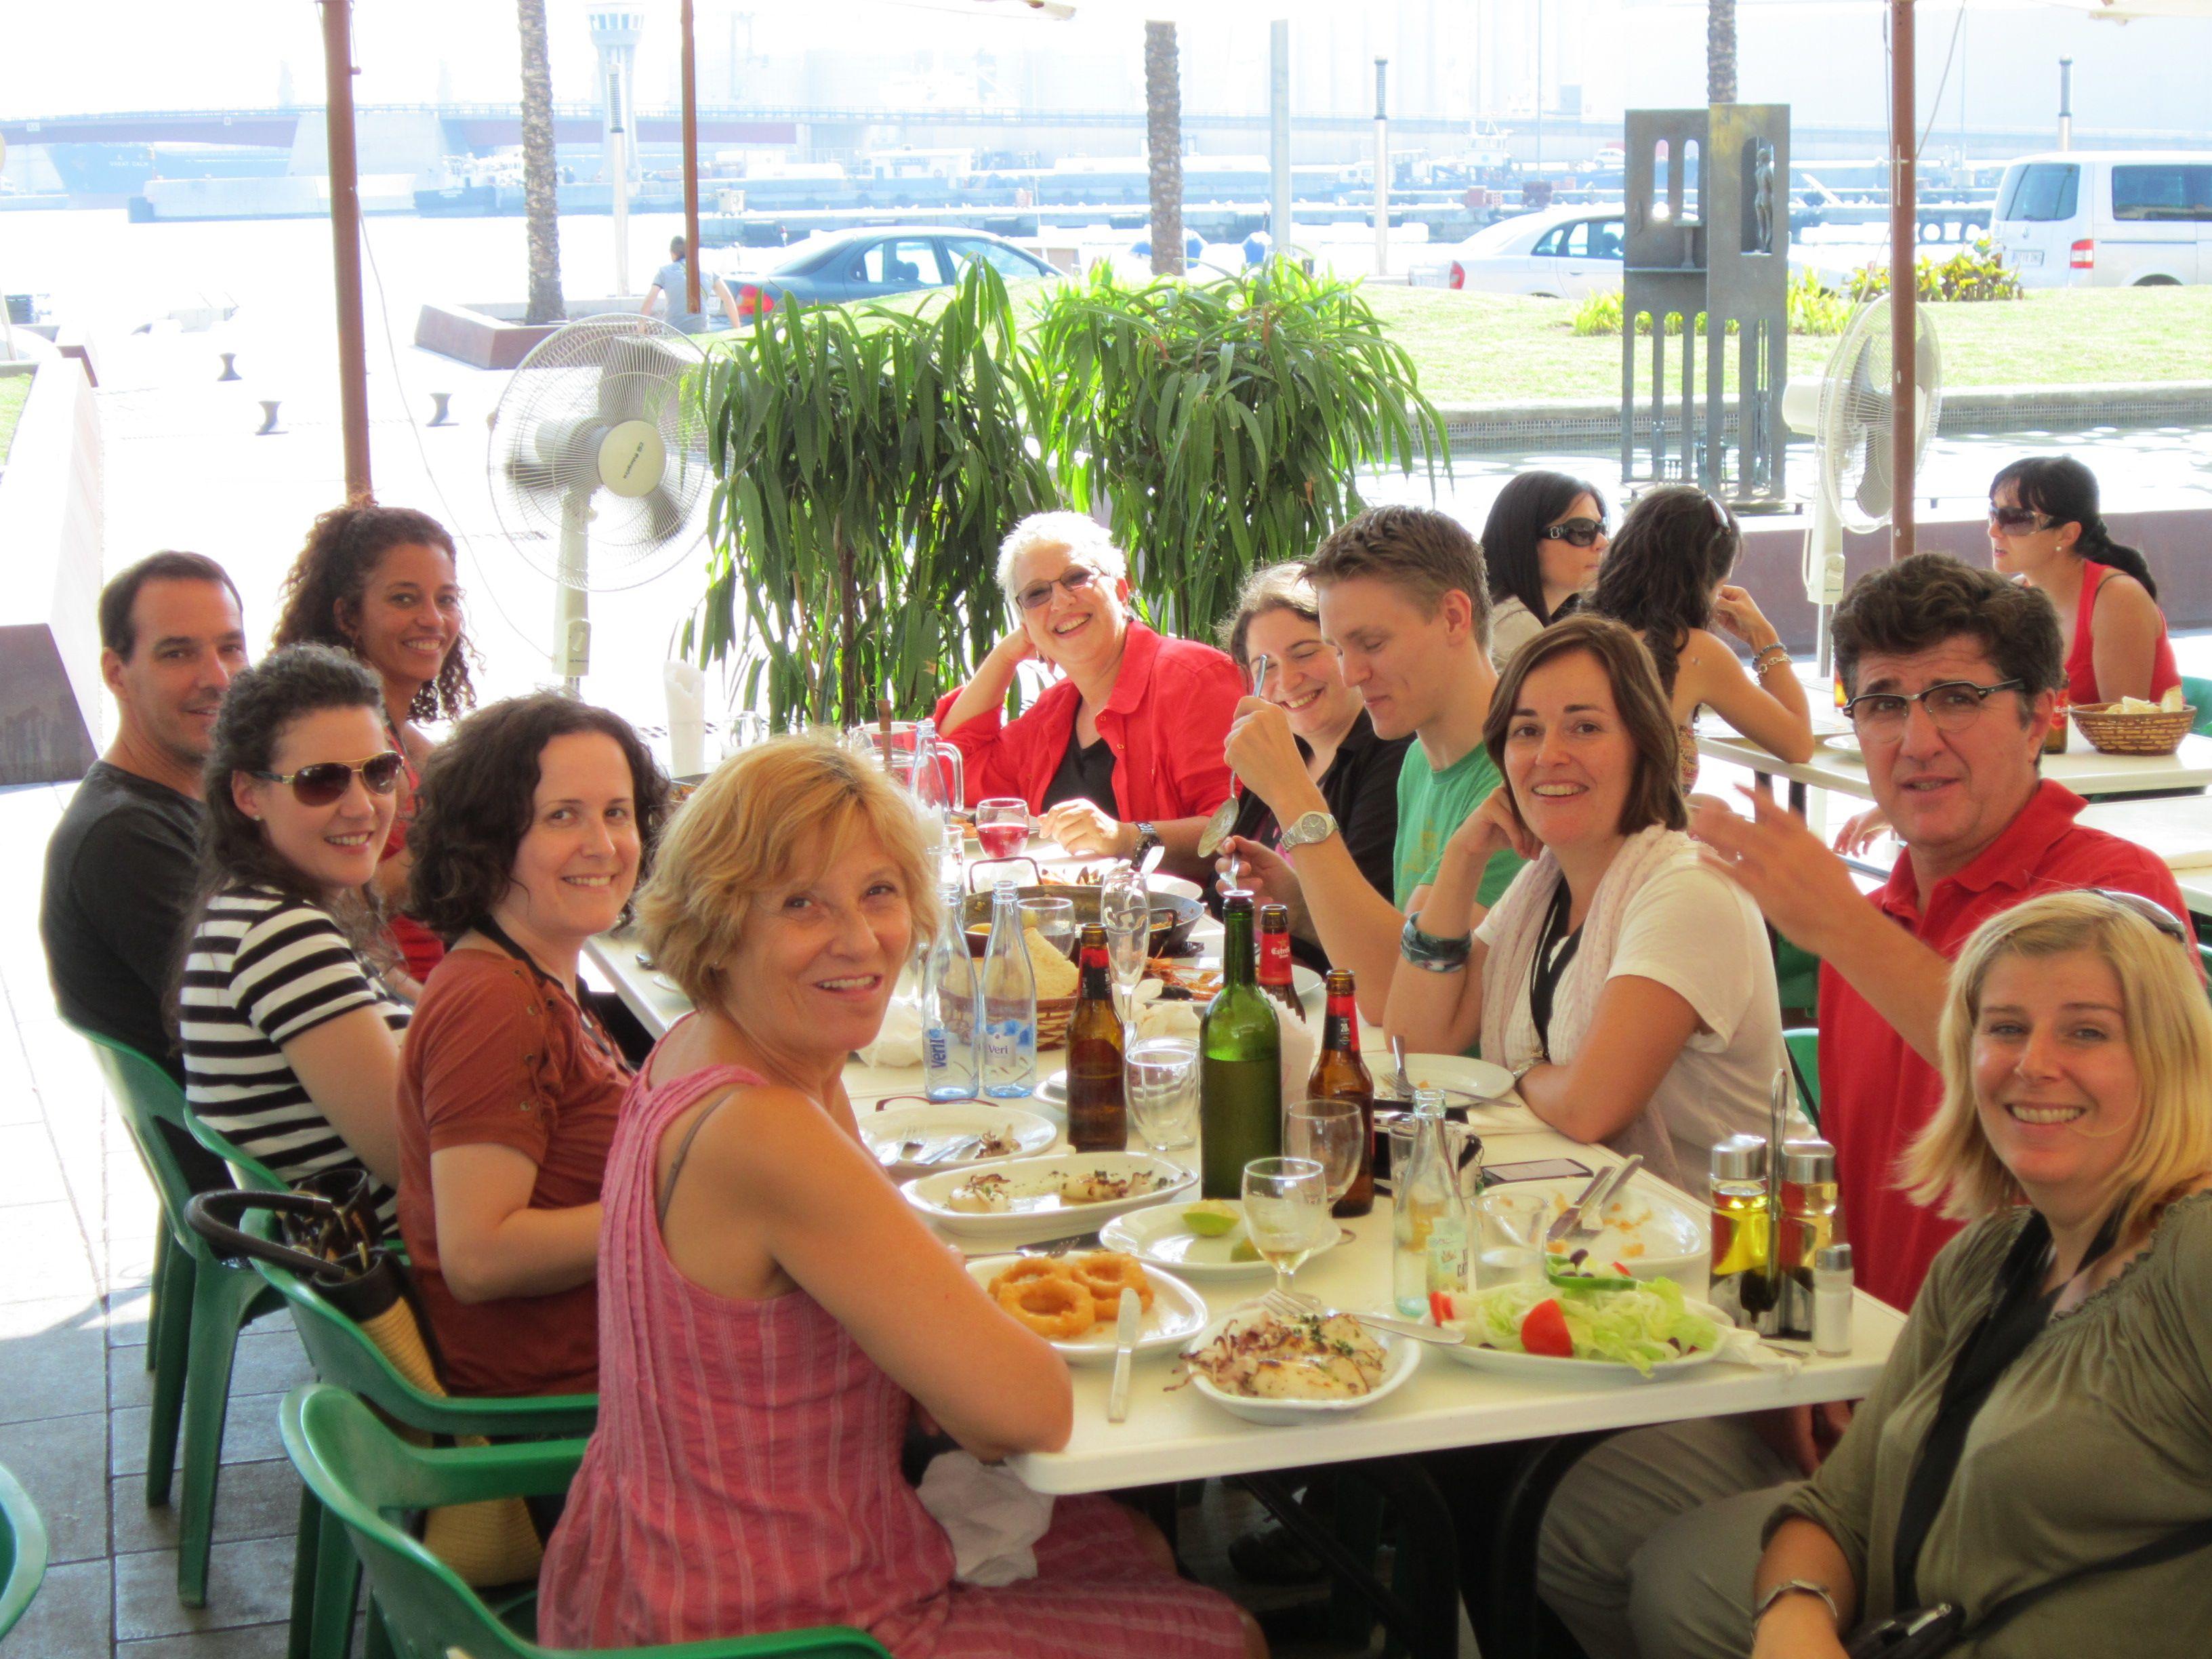 FoodPhoto Festival in Tarragona